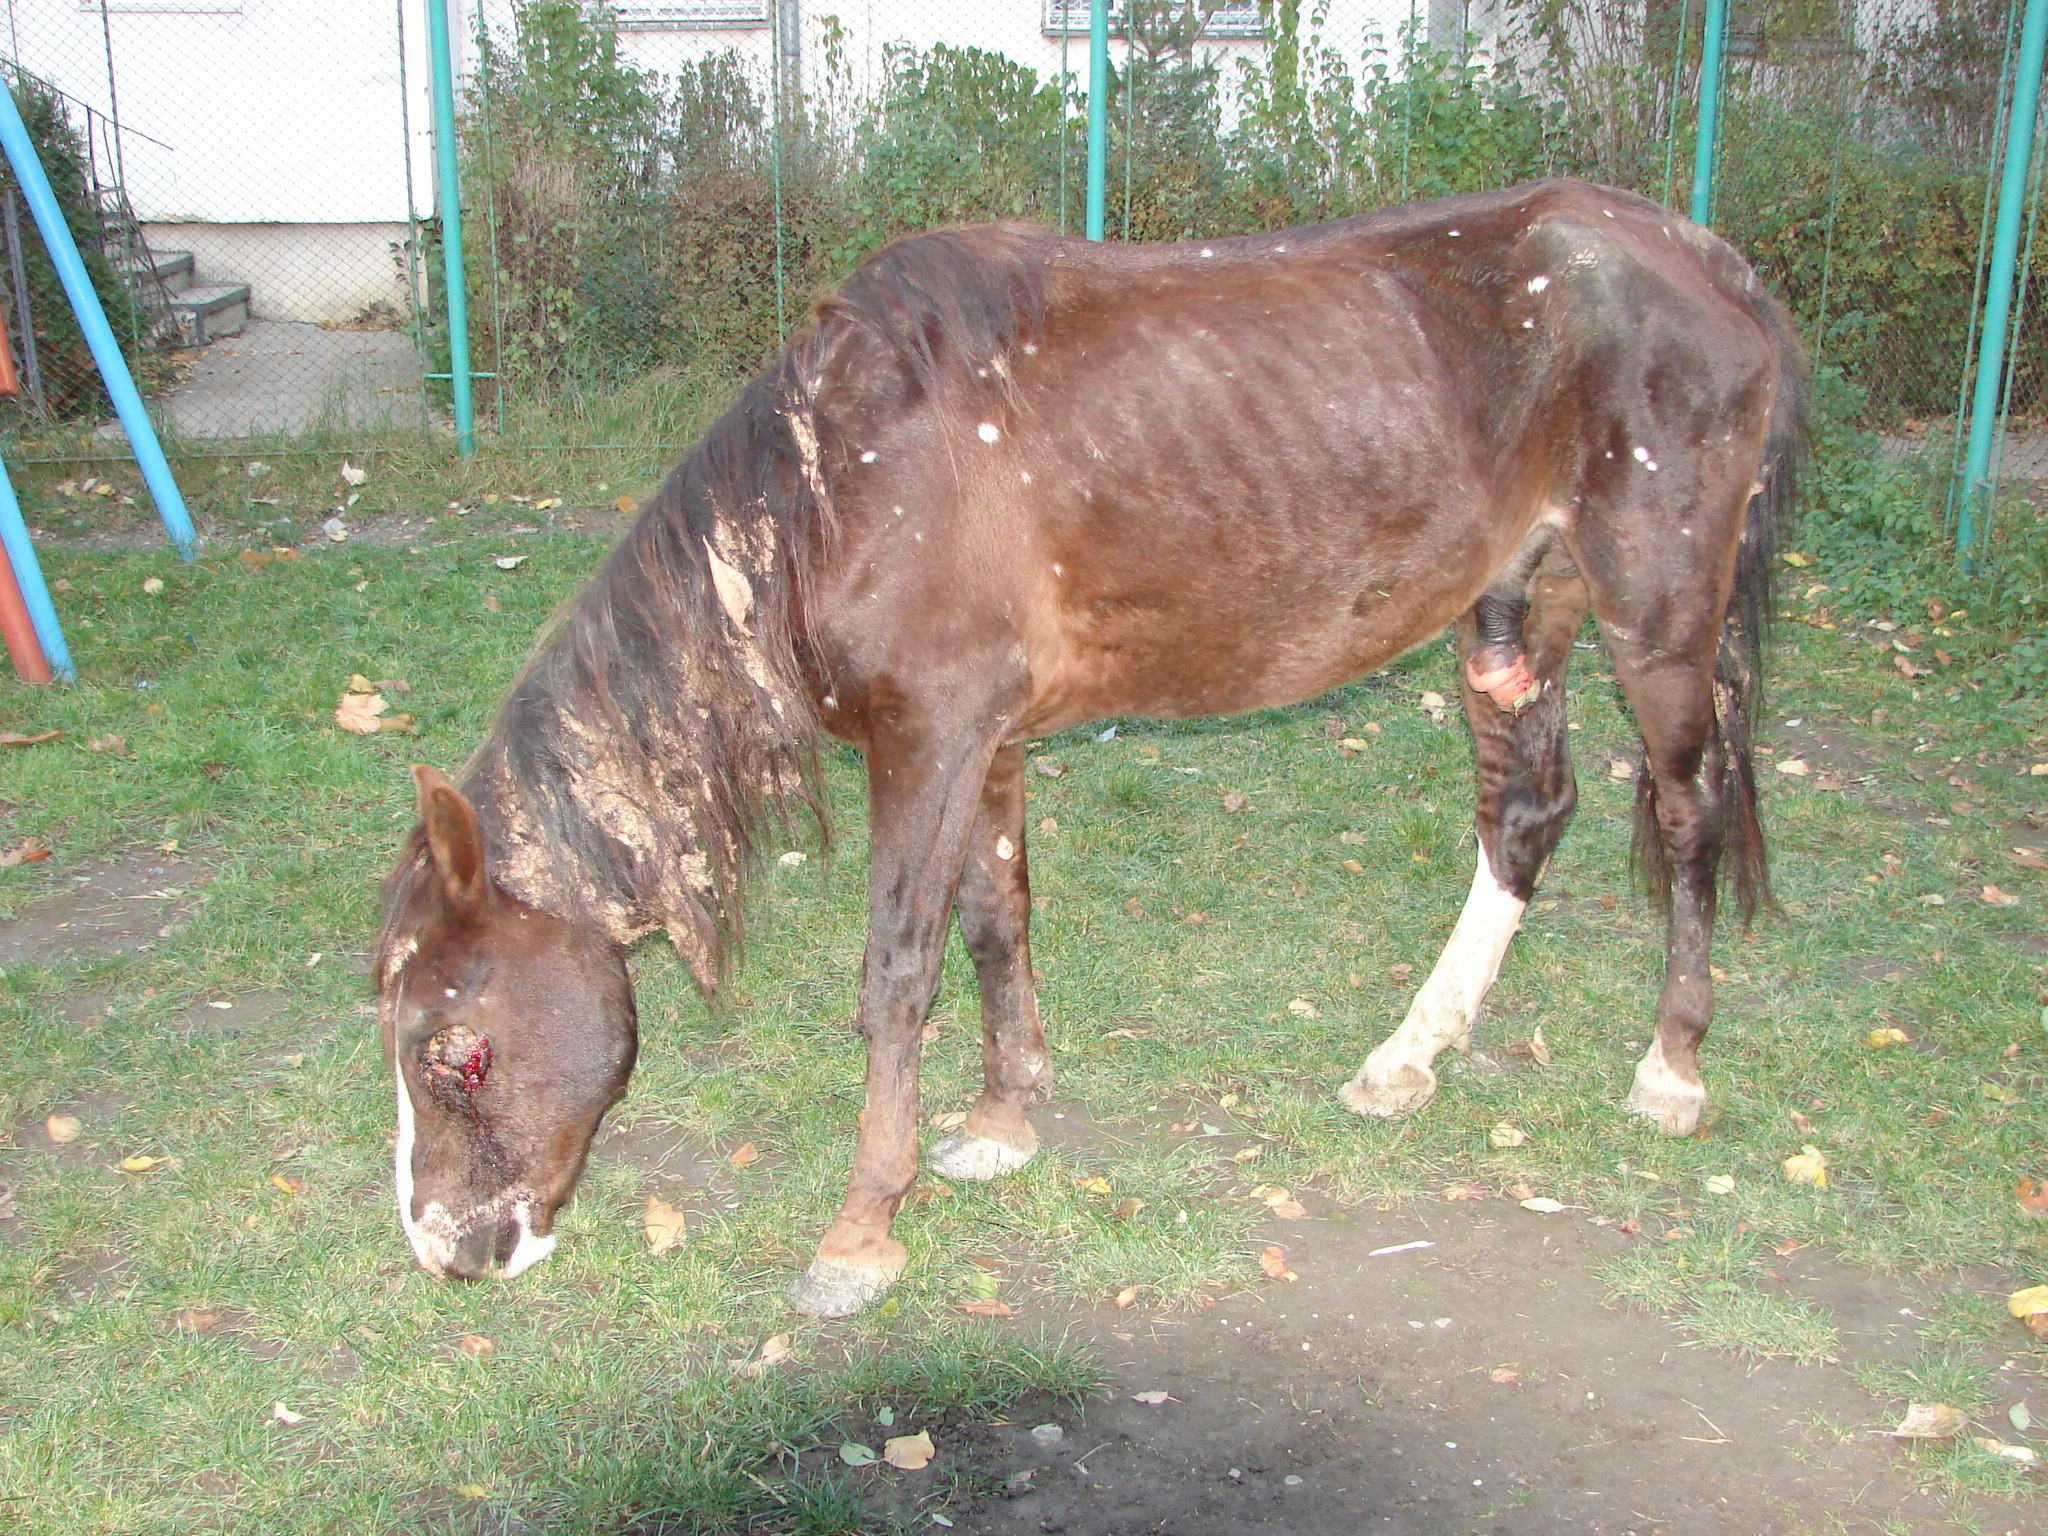 verstümmeltes Pferd auf einem Spielplatz in Rumänien